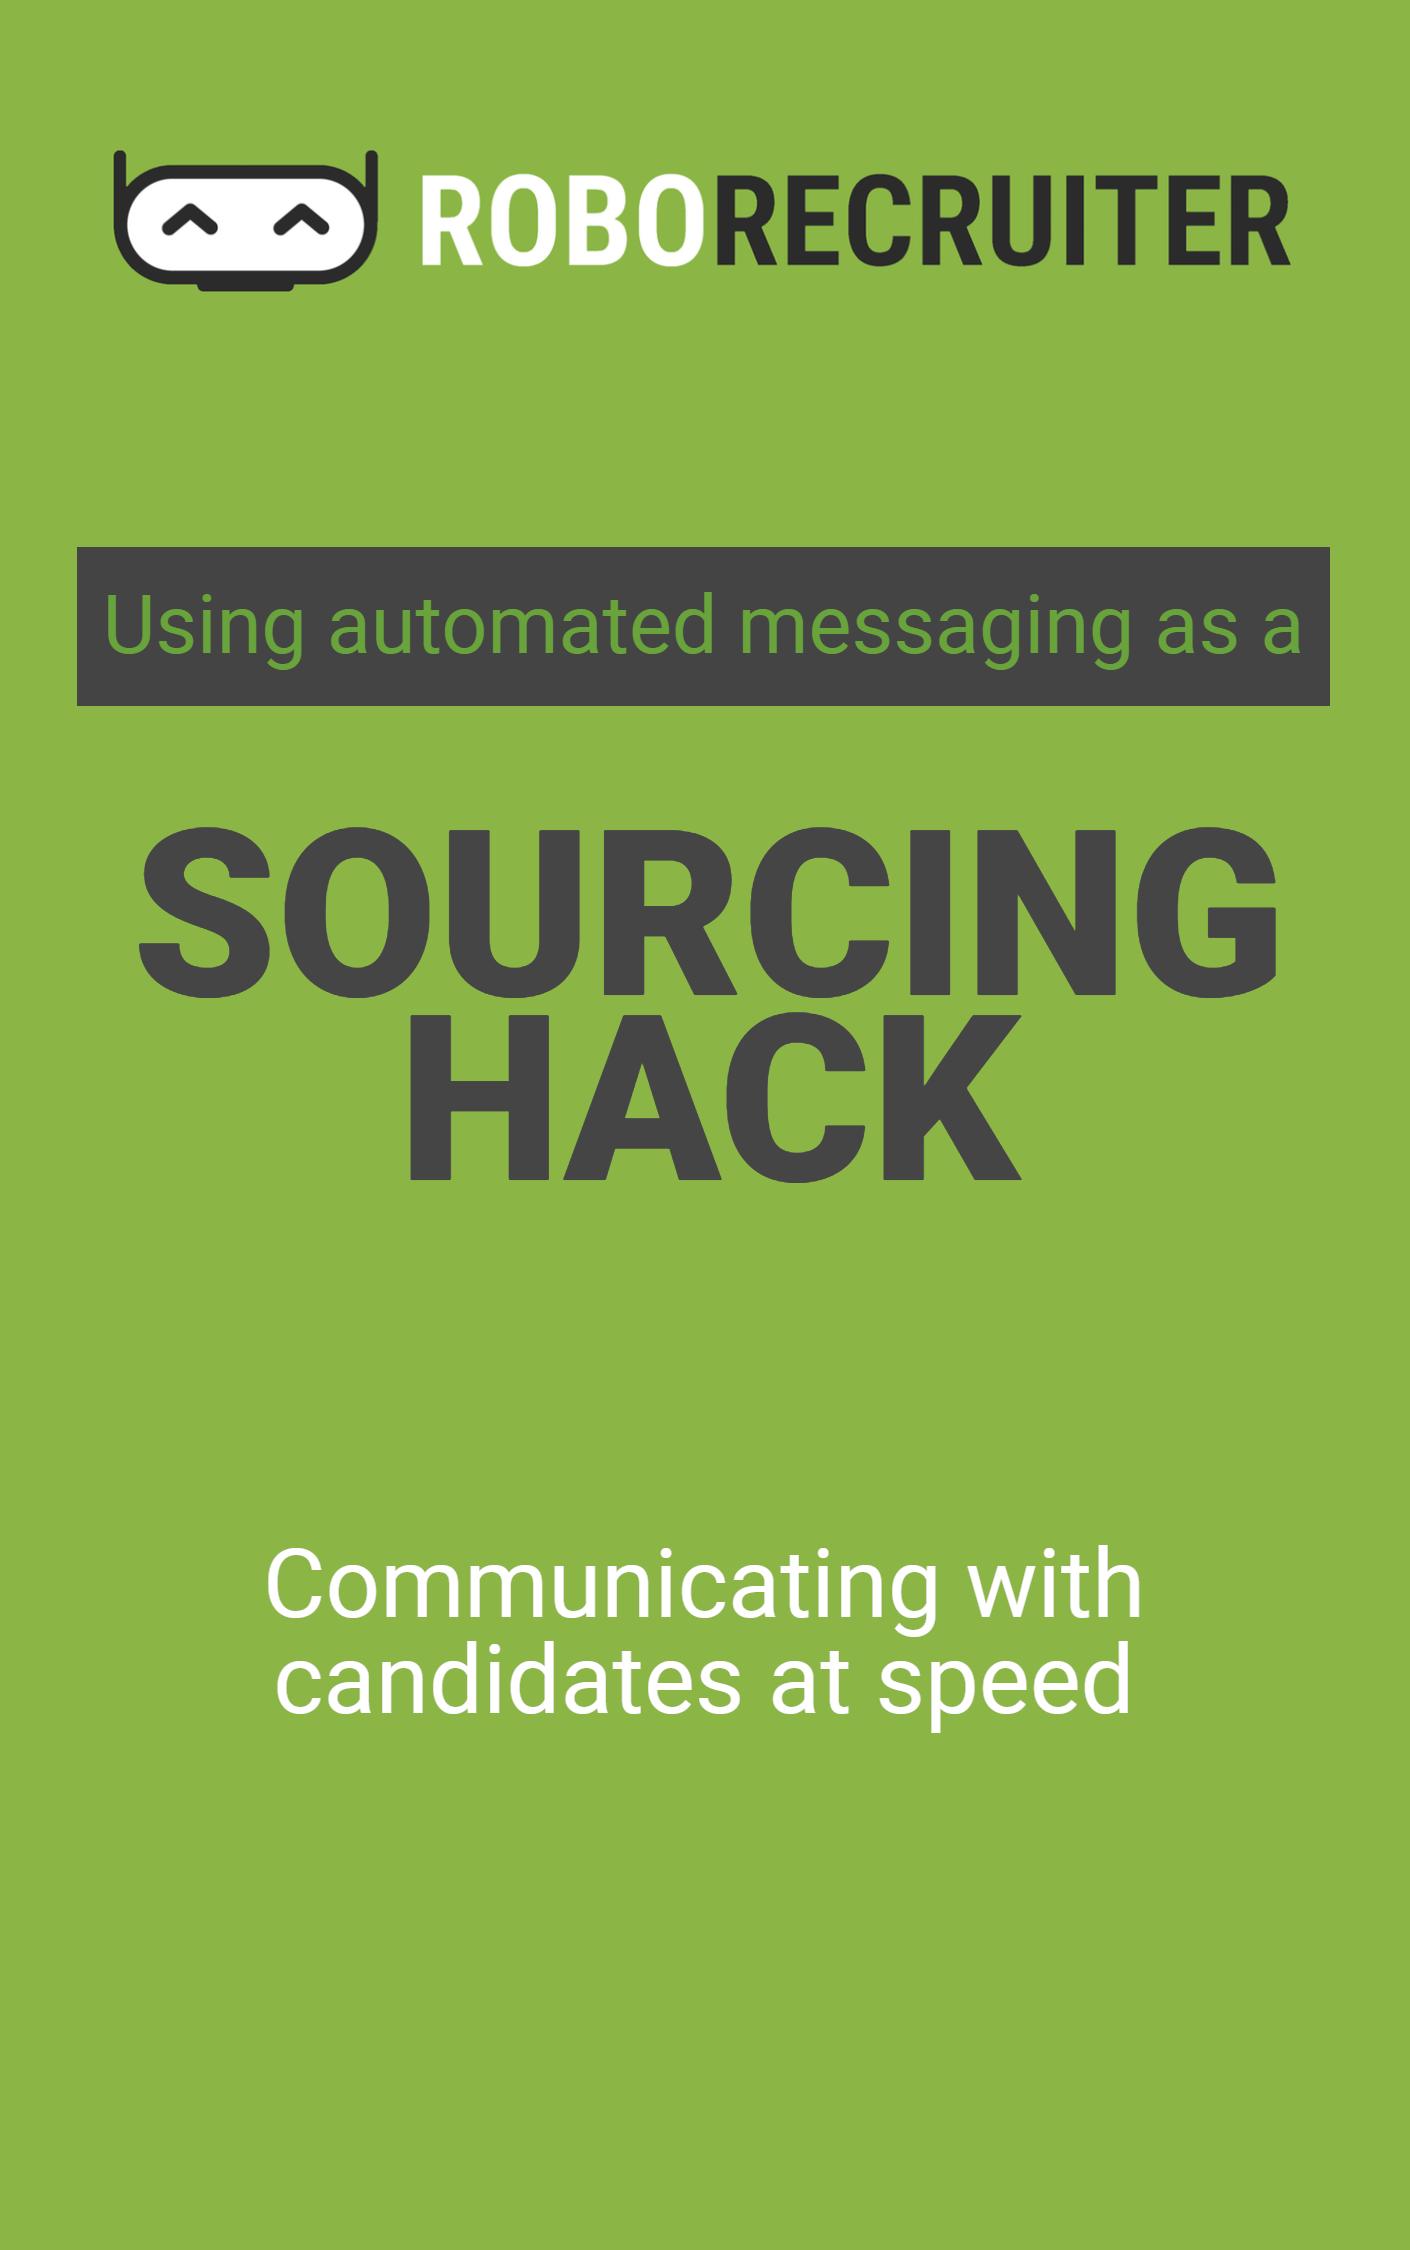 Robo eBook - Sourcing Hack.png